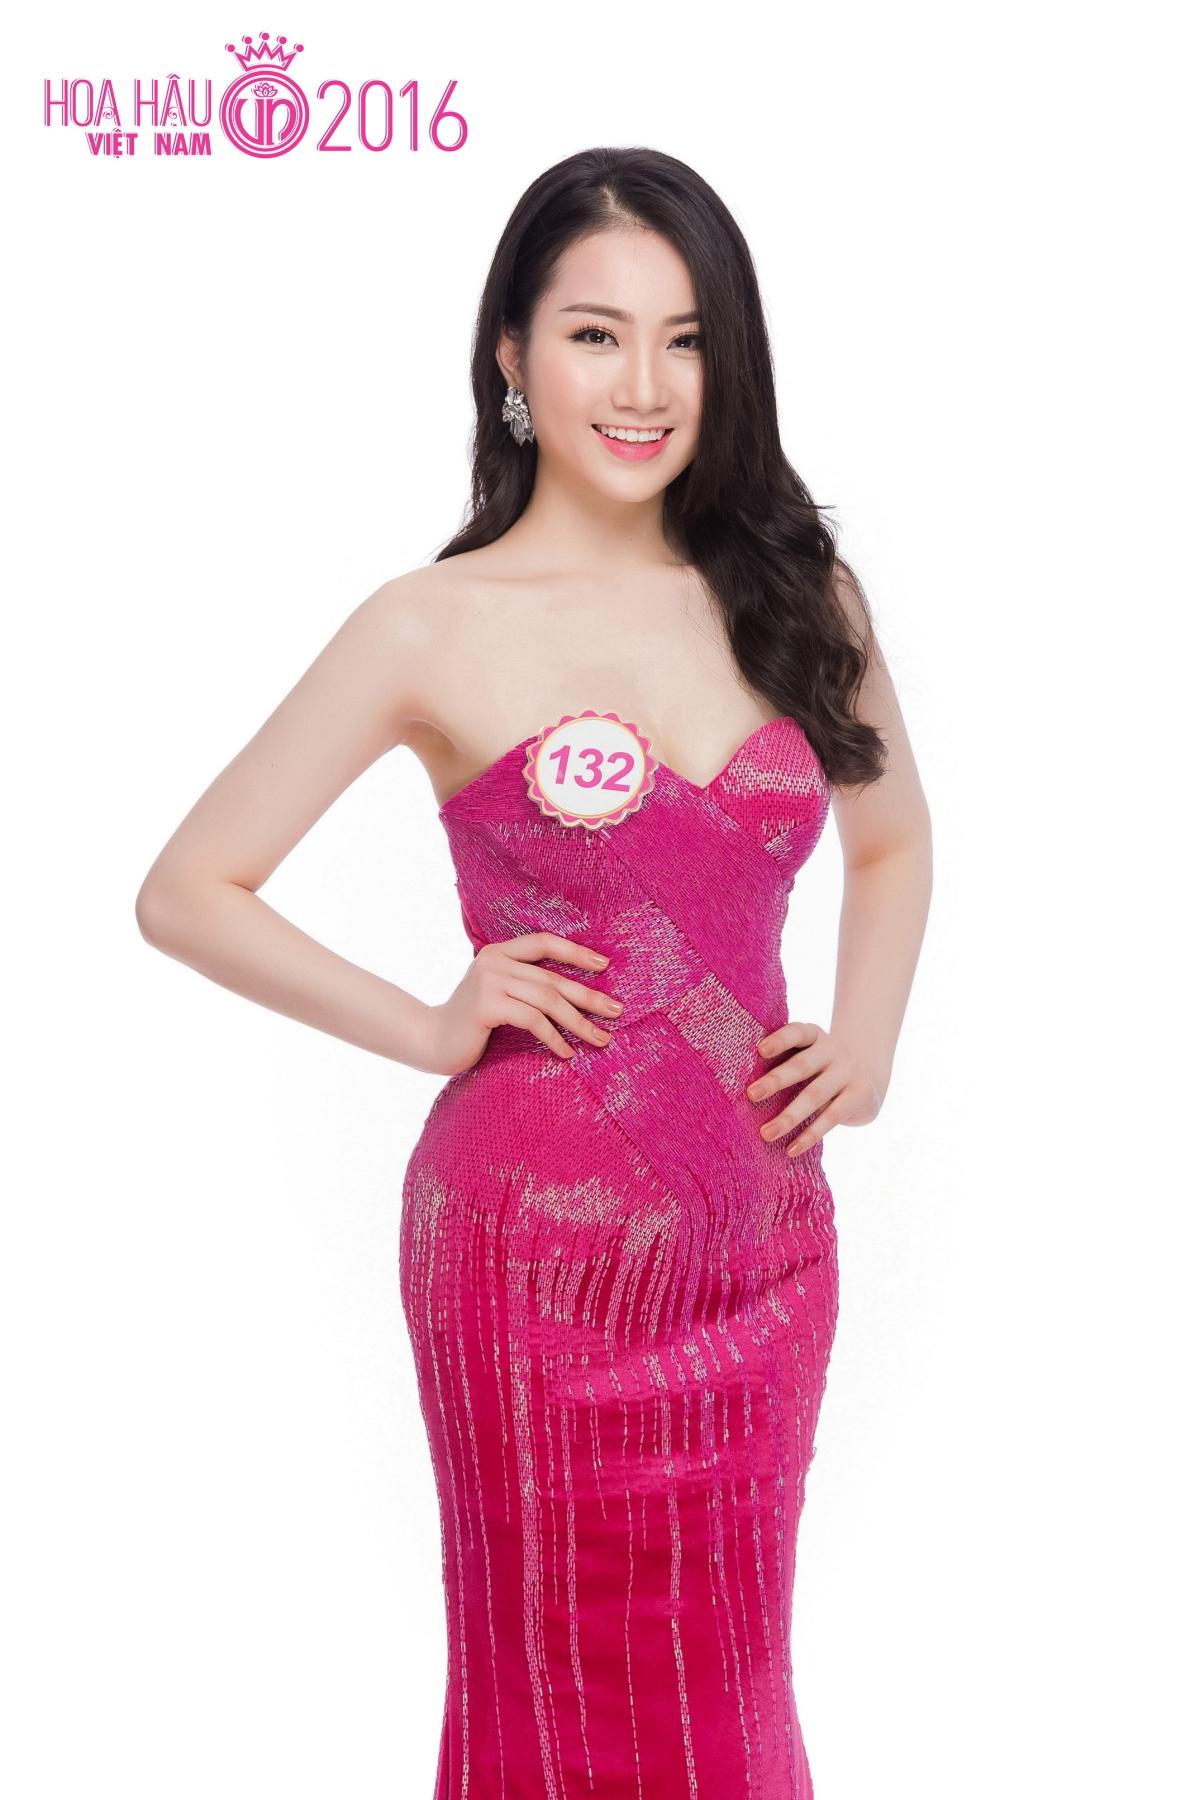 Phùng Lan Hương (SBD 132)